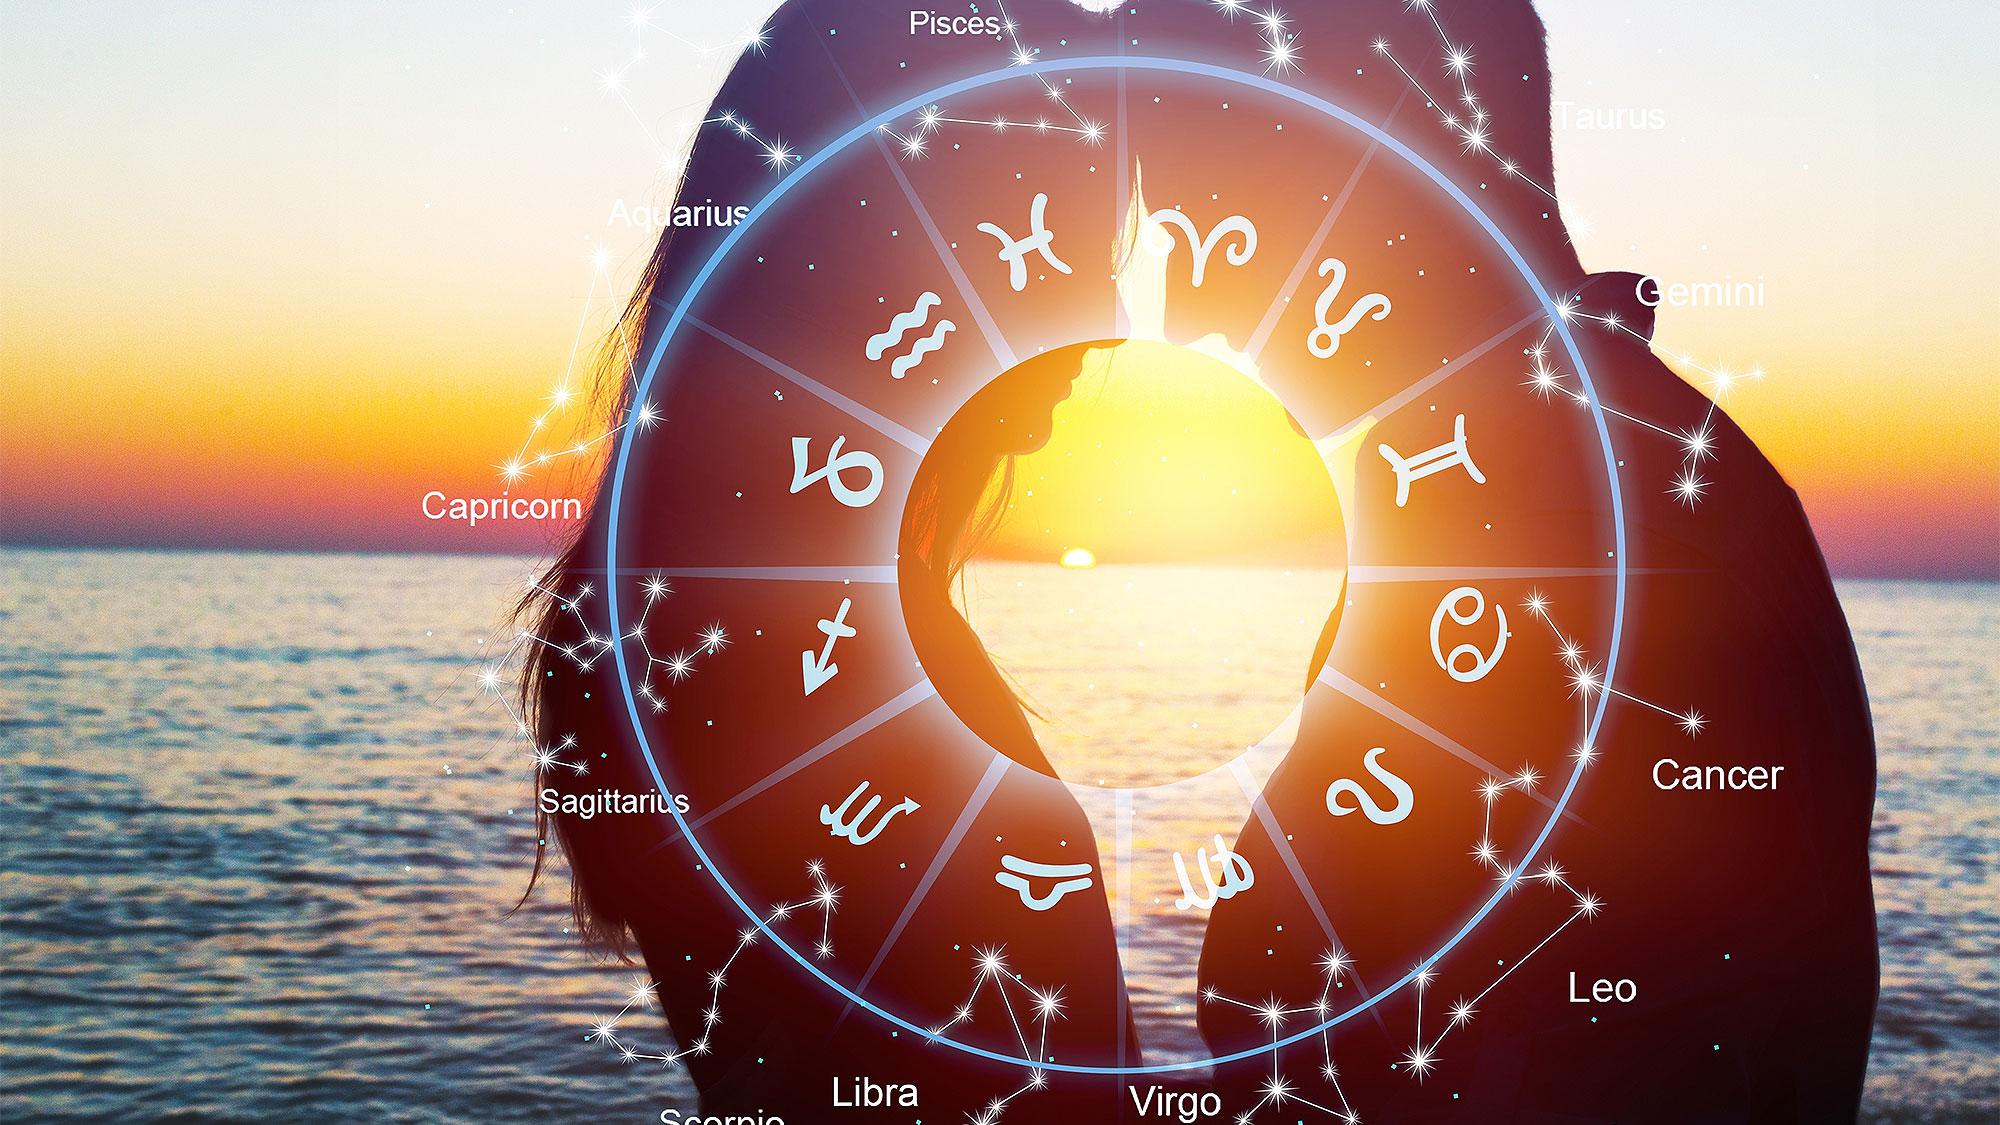 Общение с незнакомцем и спонтанное путешествие: каким будет 8 Марта для разных знаков зодиака